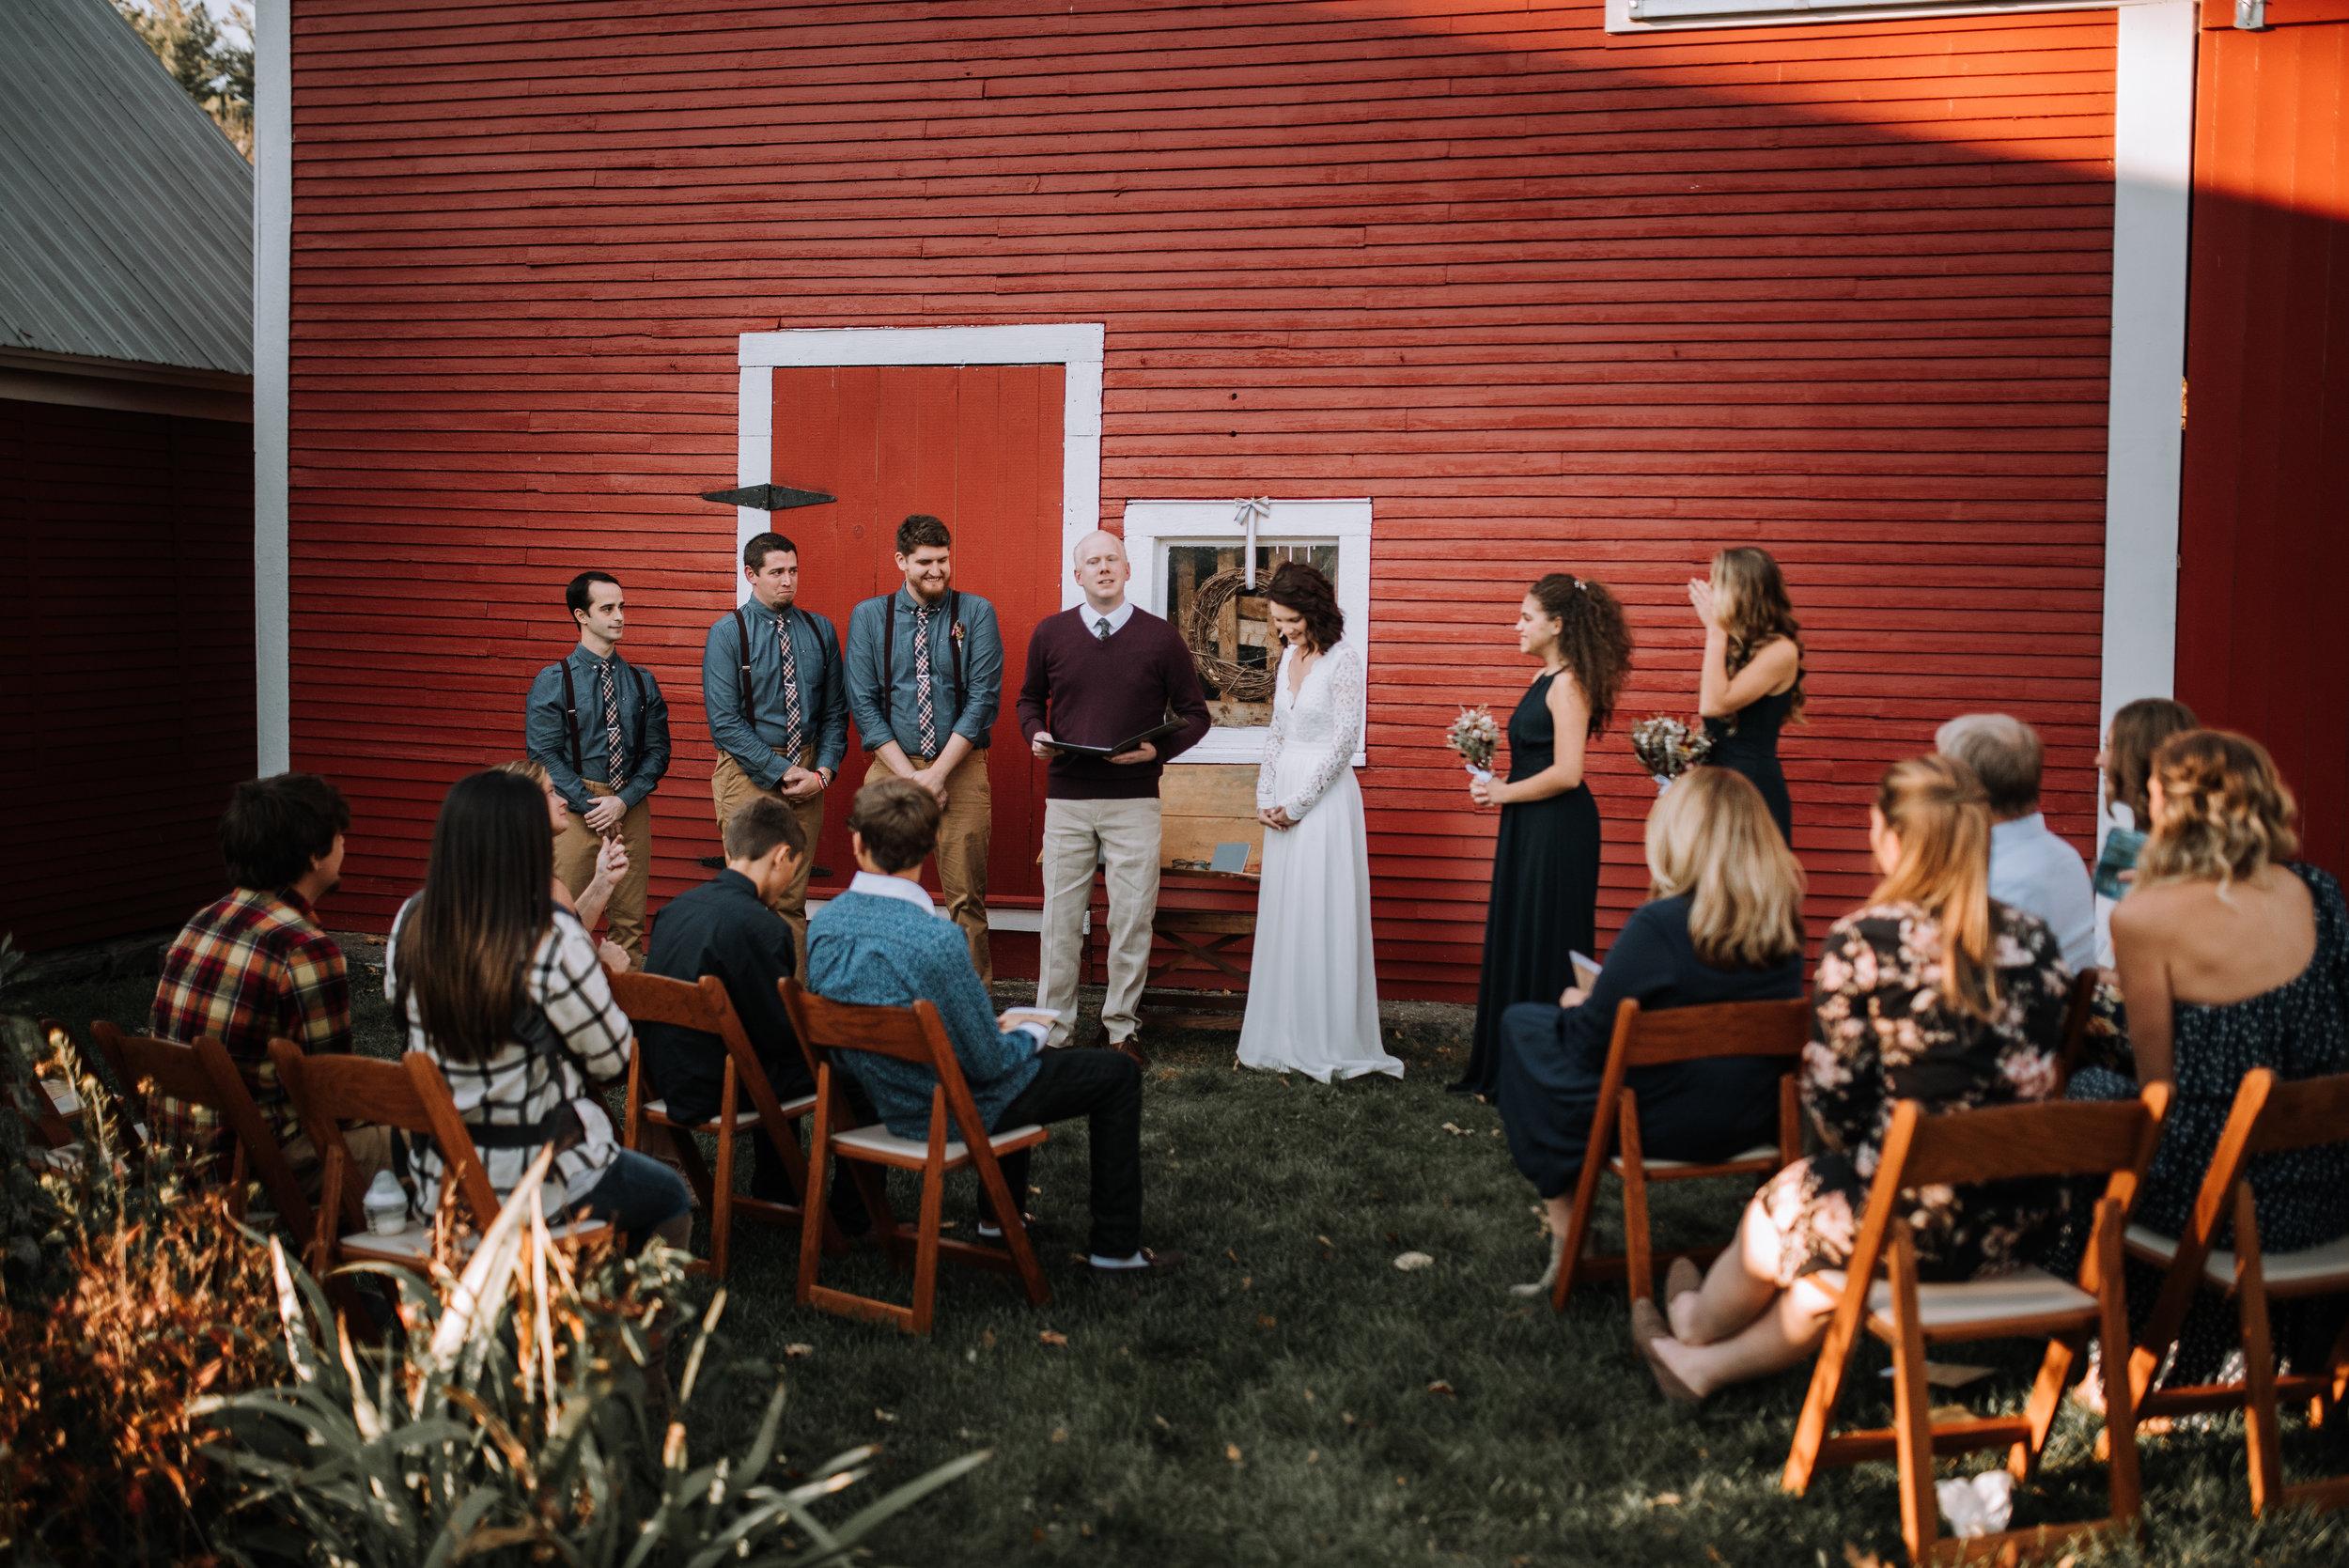 LUV LENS_WEDDING_GABBIE GARY SMALL-32.jpg